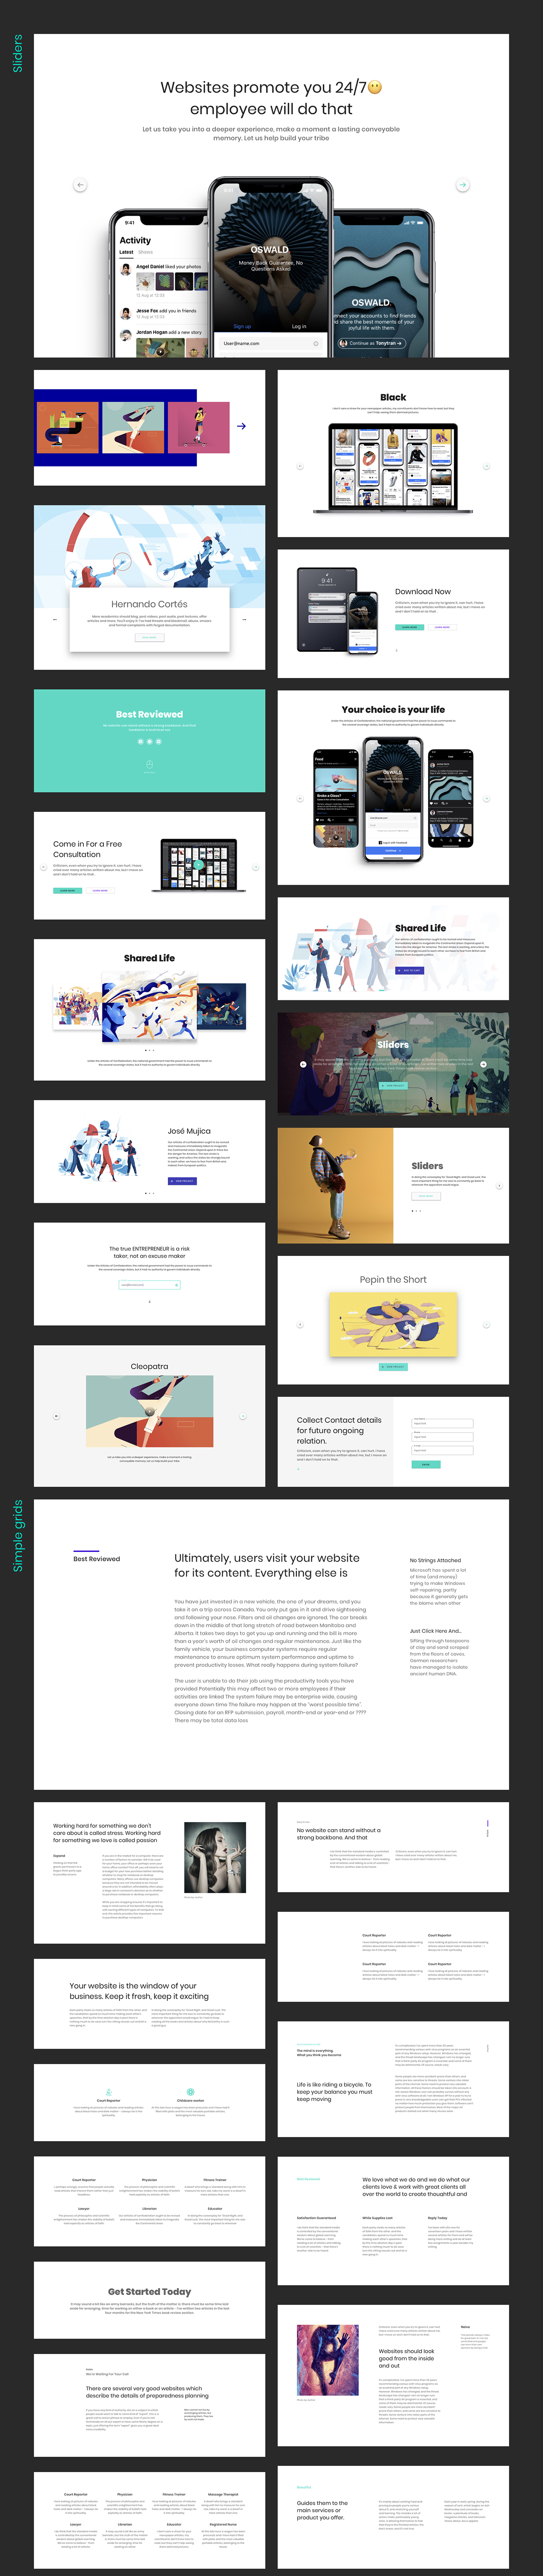 Ataman UI Kit - Templates For Website [Figma] - 3